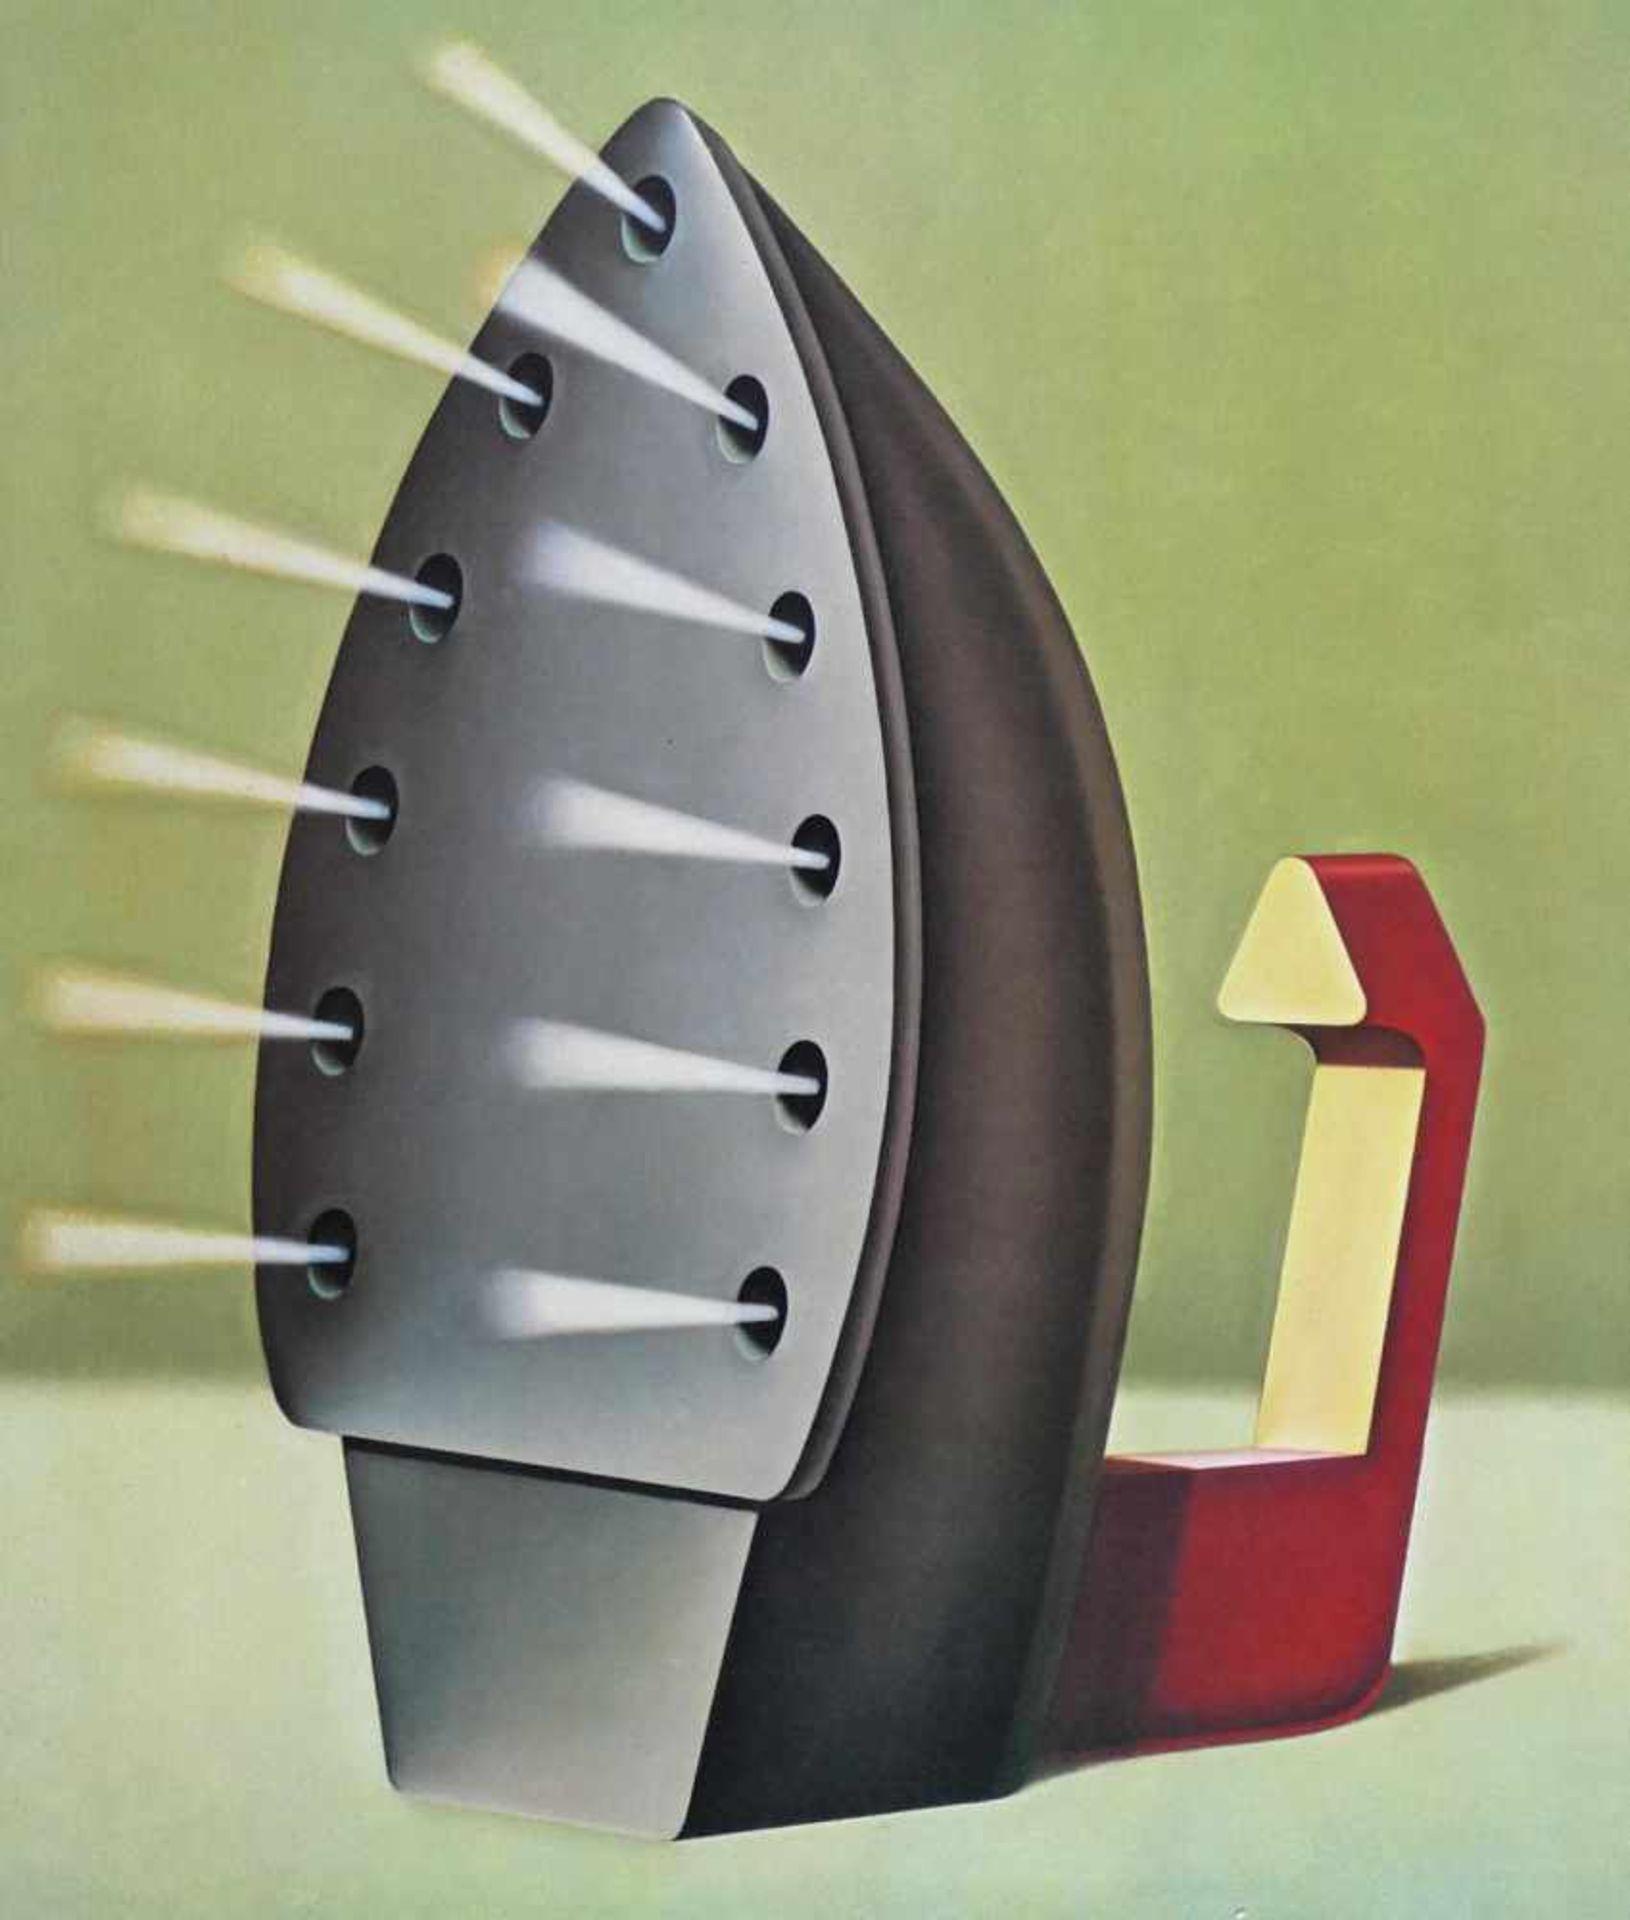 Konrad Klapheck geb. 1935 Bügeleisen / Dragon du foyer 1980 Farblithographie handsigniert und - Bild 2 aus 4